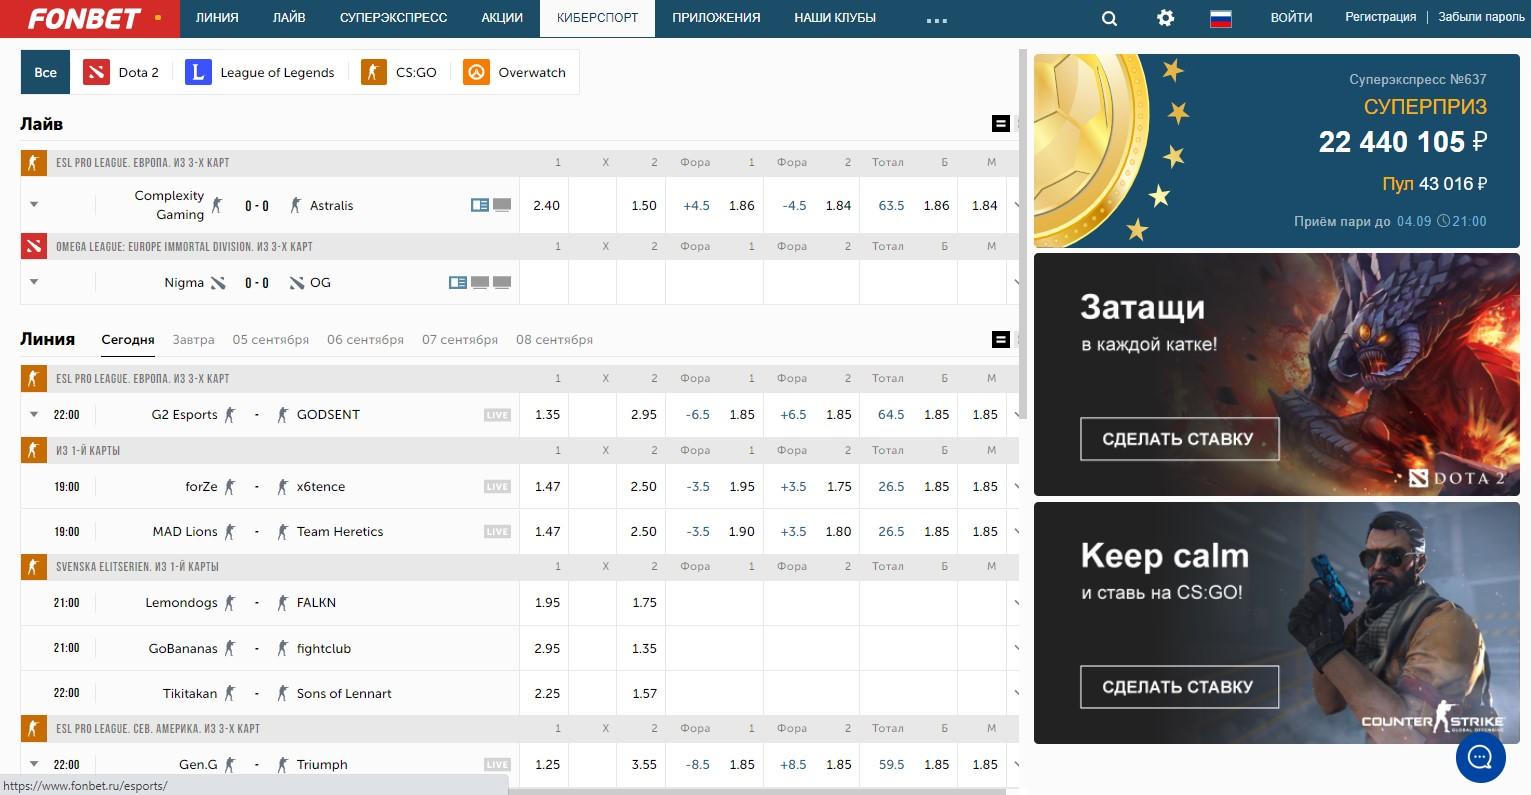 Ставки на киберспорт - рейтинг лучших киберспортивных букмекеров